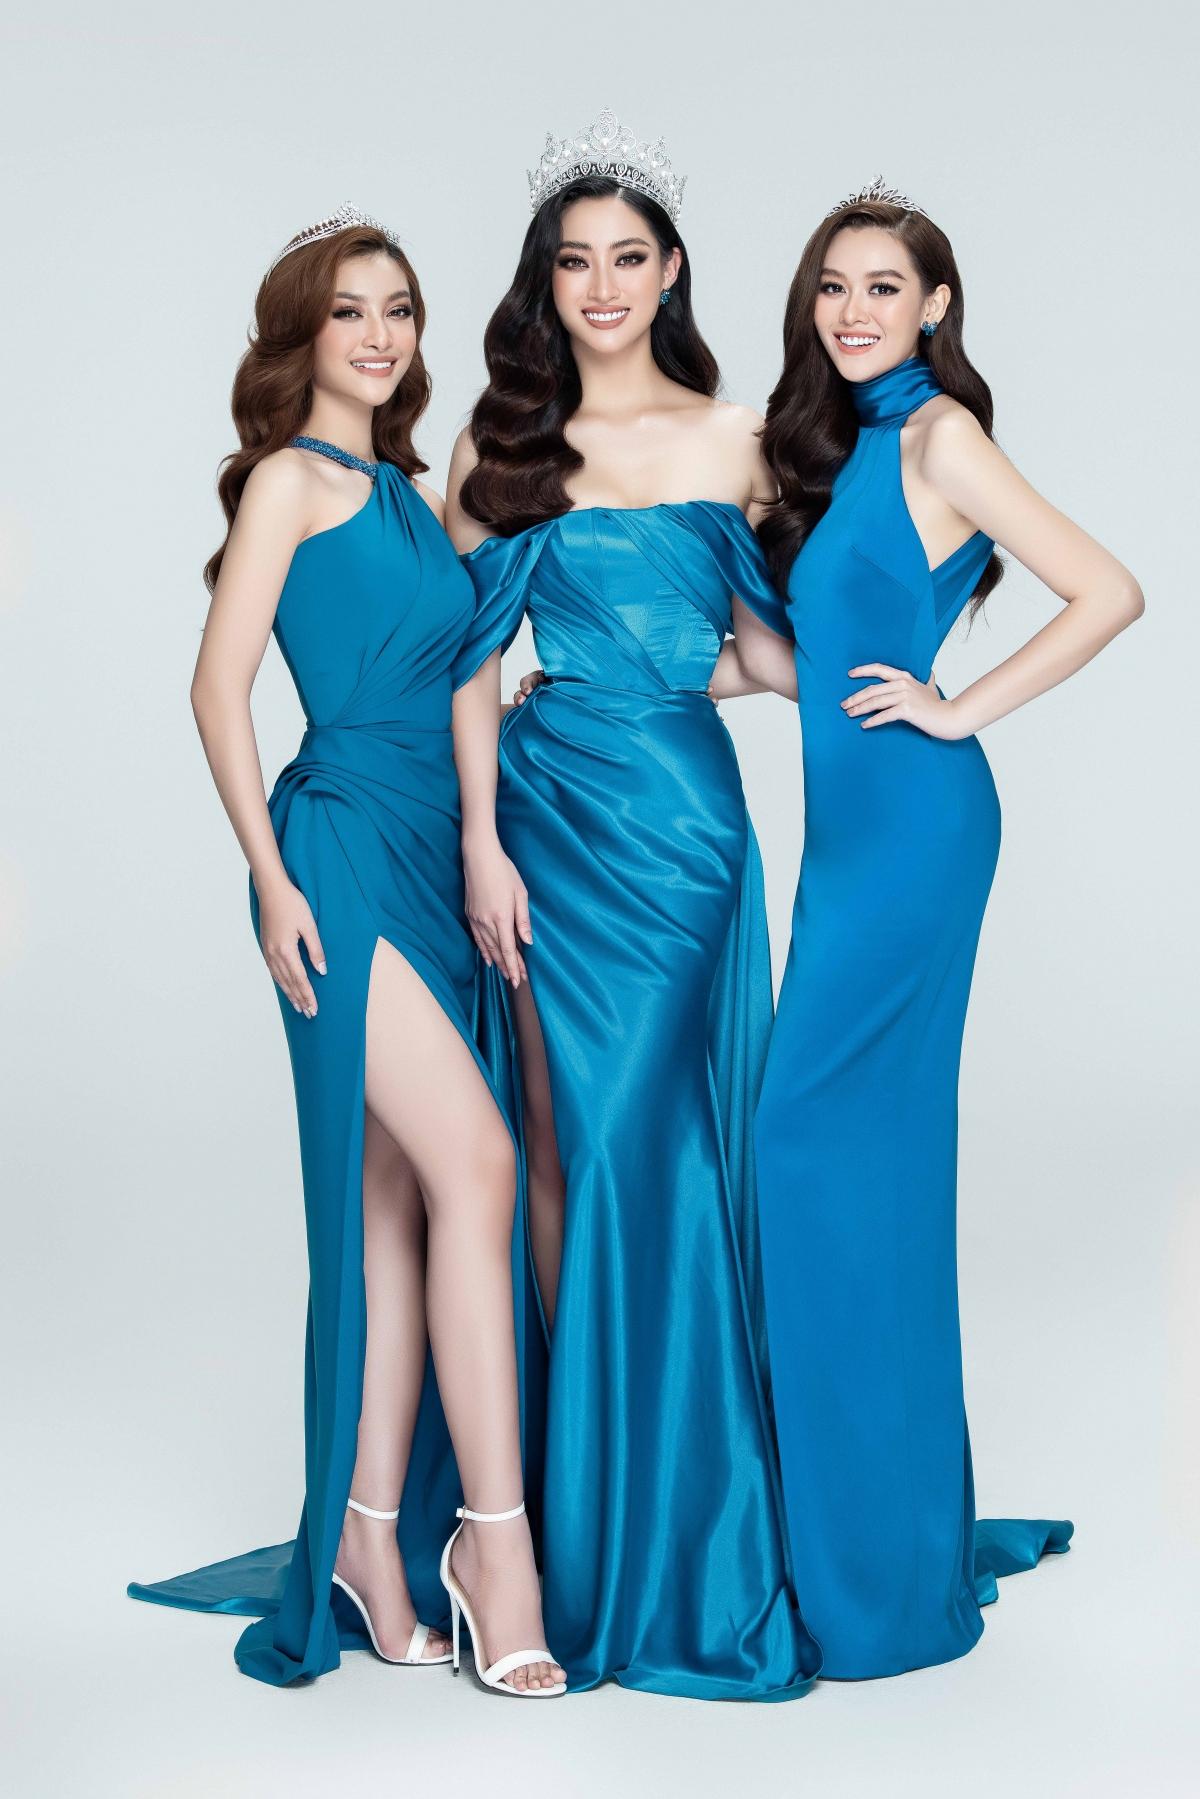 Sau thành công đó, Miss World - Vietnam đã chính thức quay trở lại vào năm 2021 với bộ ảnh khởi động có sự xuất hiện của bộ ba Lương Thuỳ Linh - Kiều Loan - Tường San.